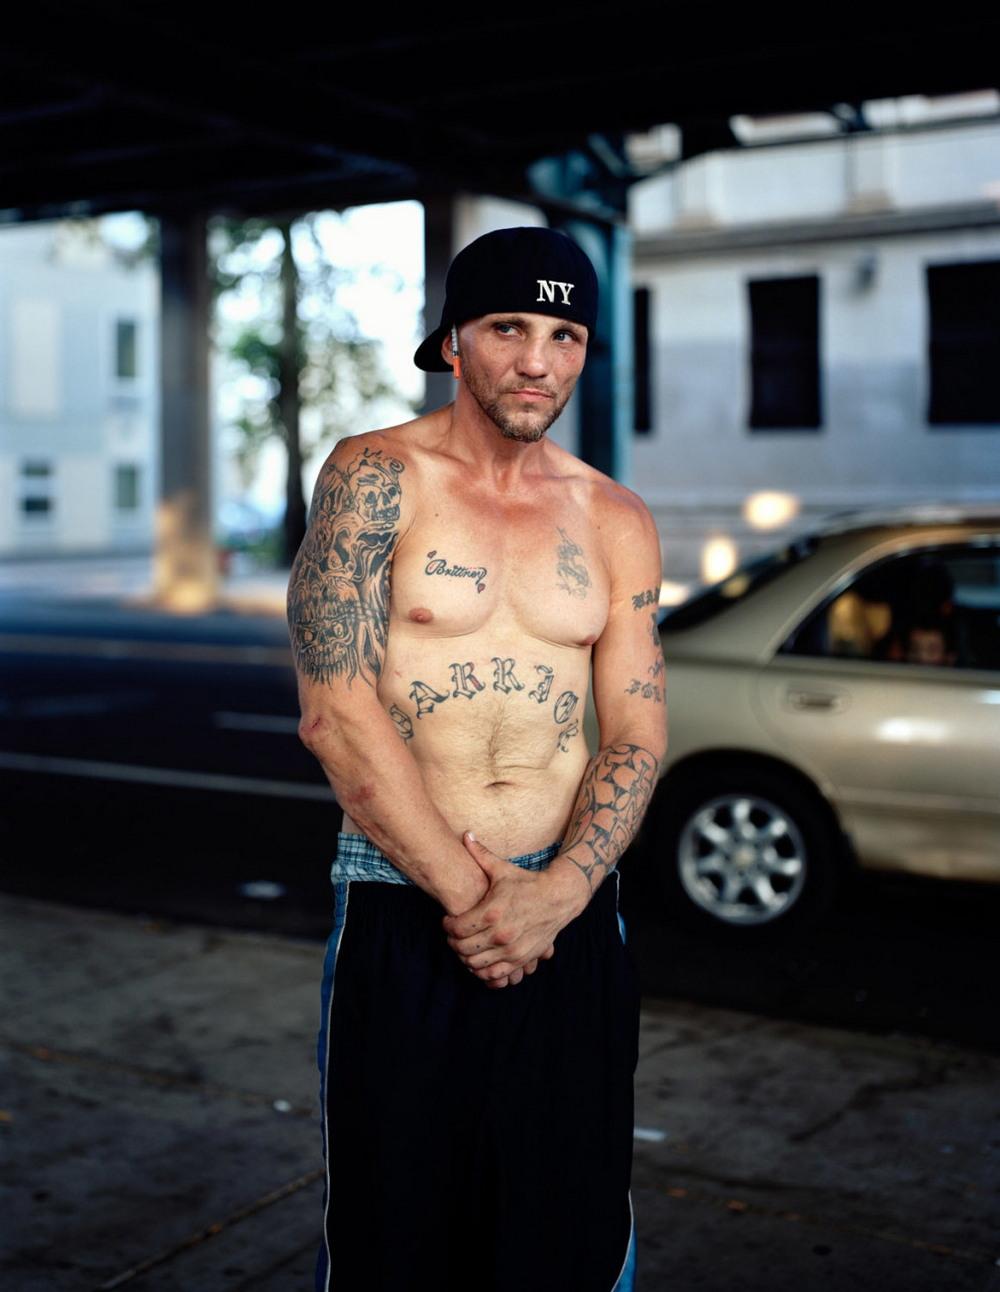 Жители наркоманской Кенсингтон Авеню в Филадельфии